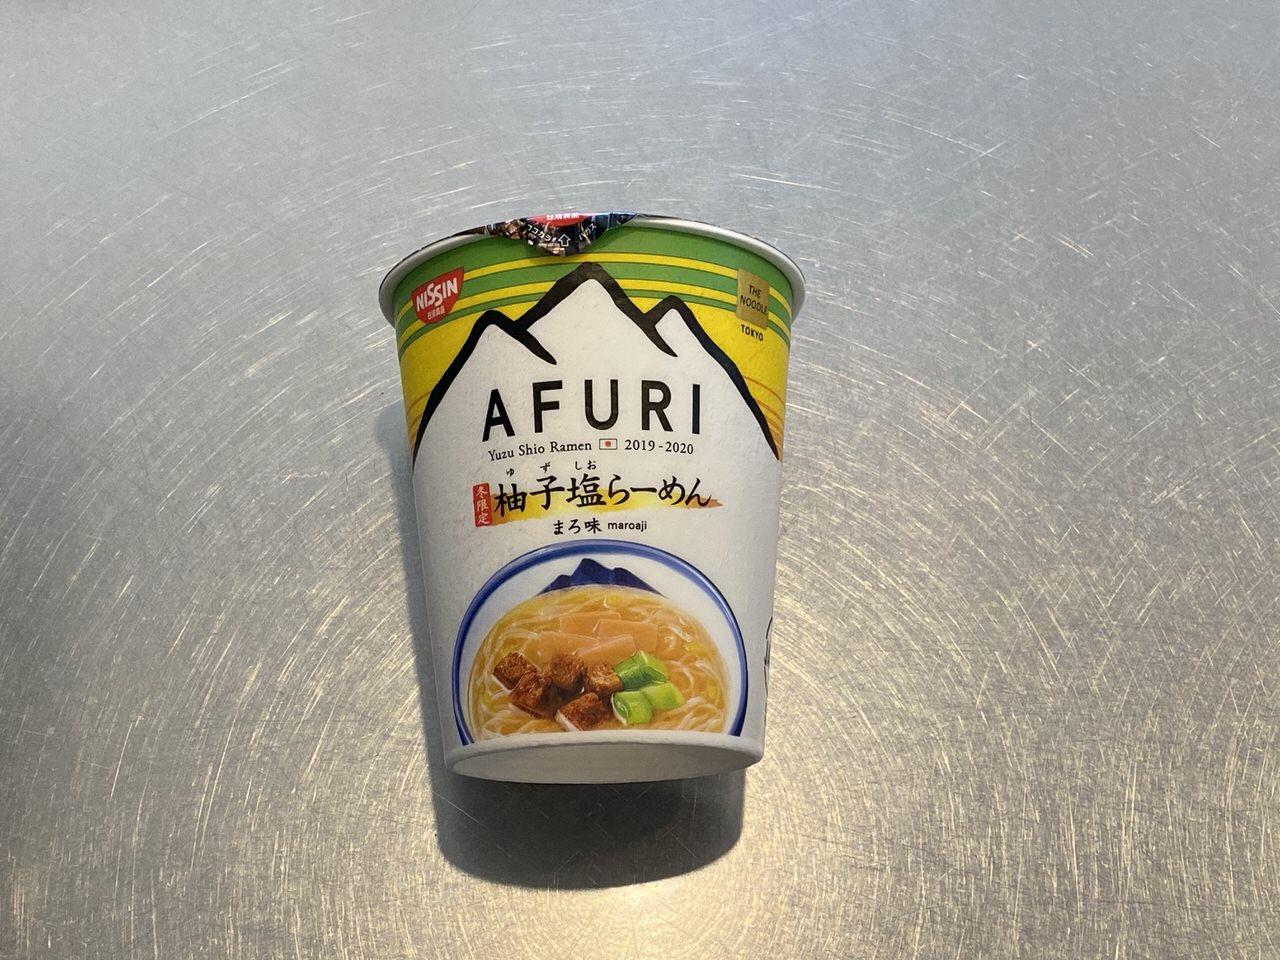 食べるべし!やっぱり美味い「AFURI 柚子塩らーめん まろ味」(2019)